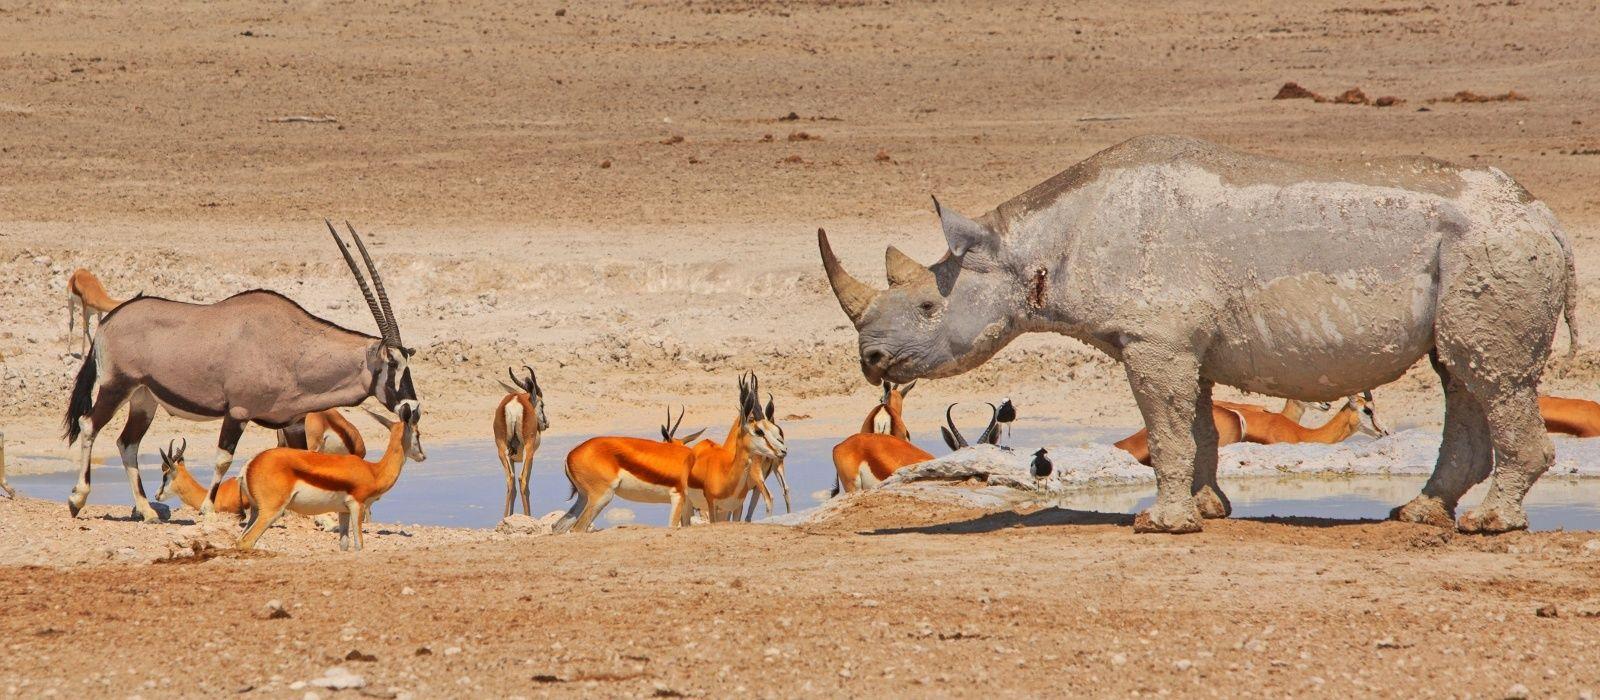 Destination Etosha (von Lindequist Gate) Namibia